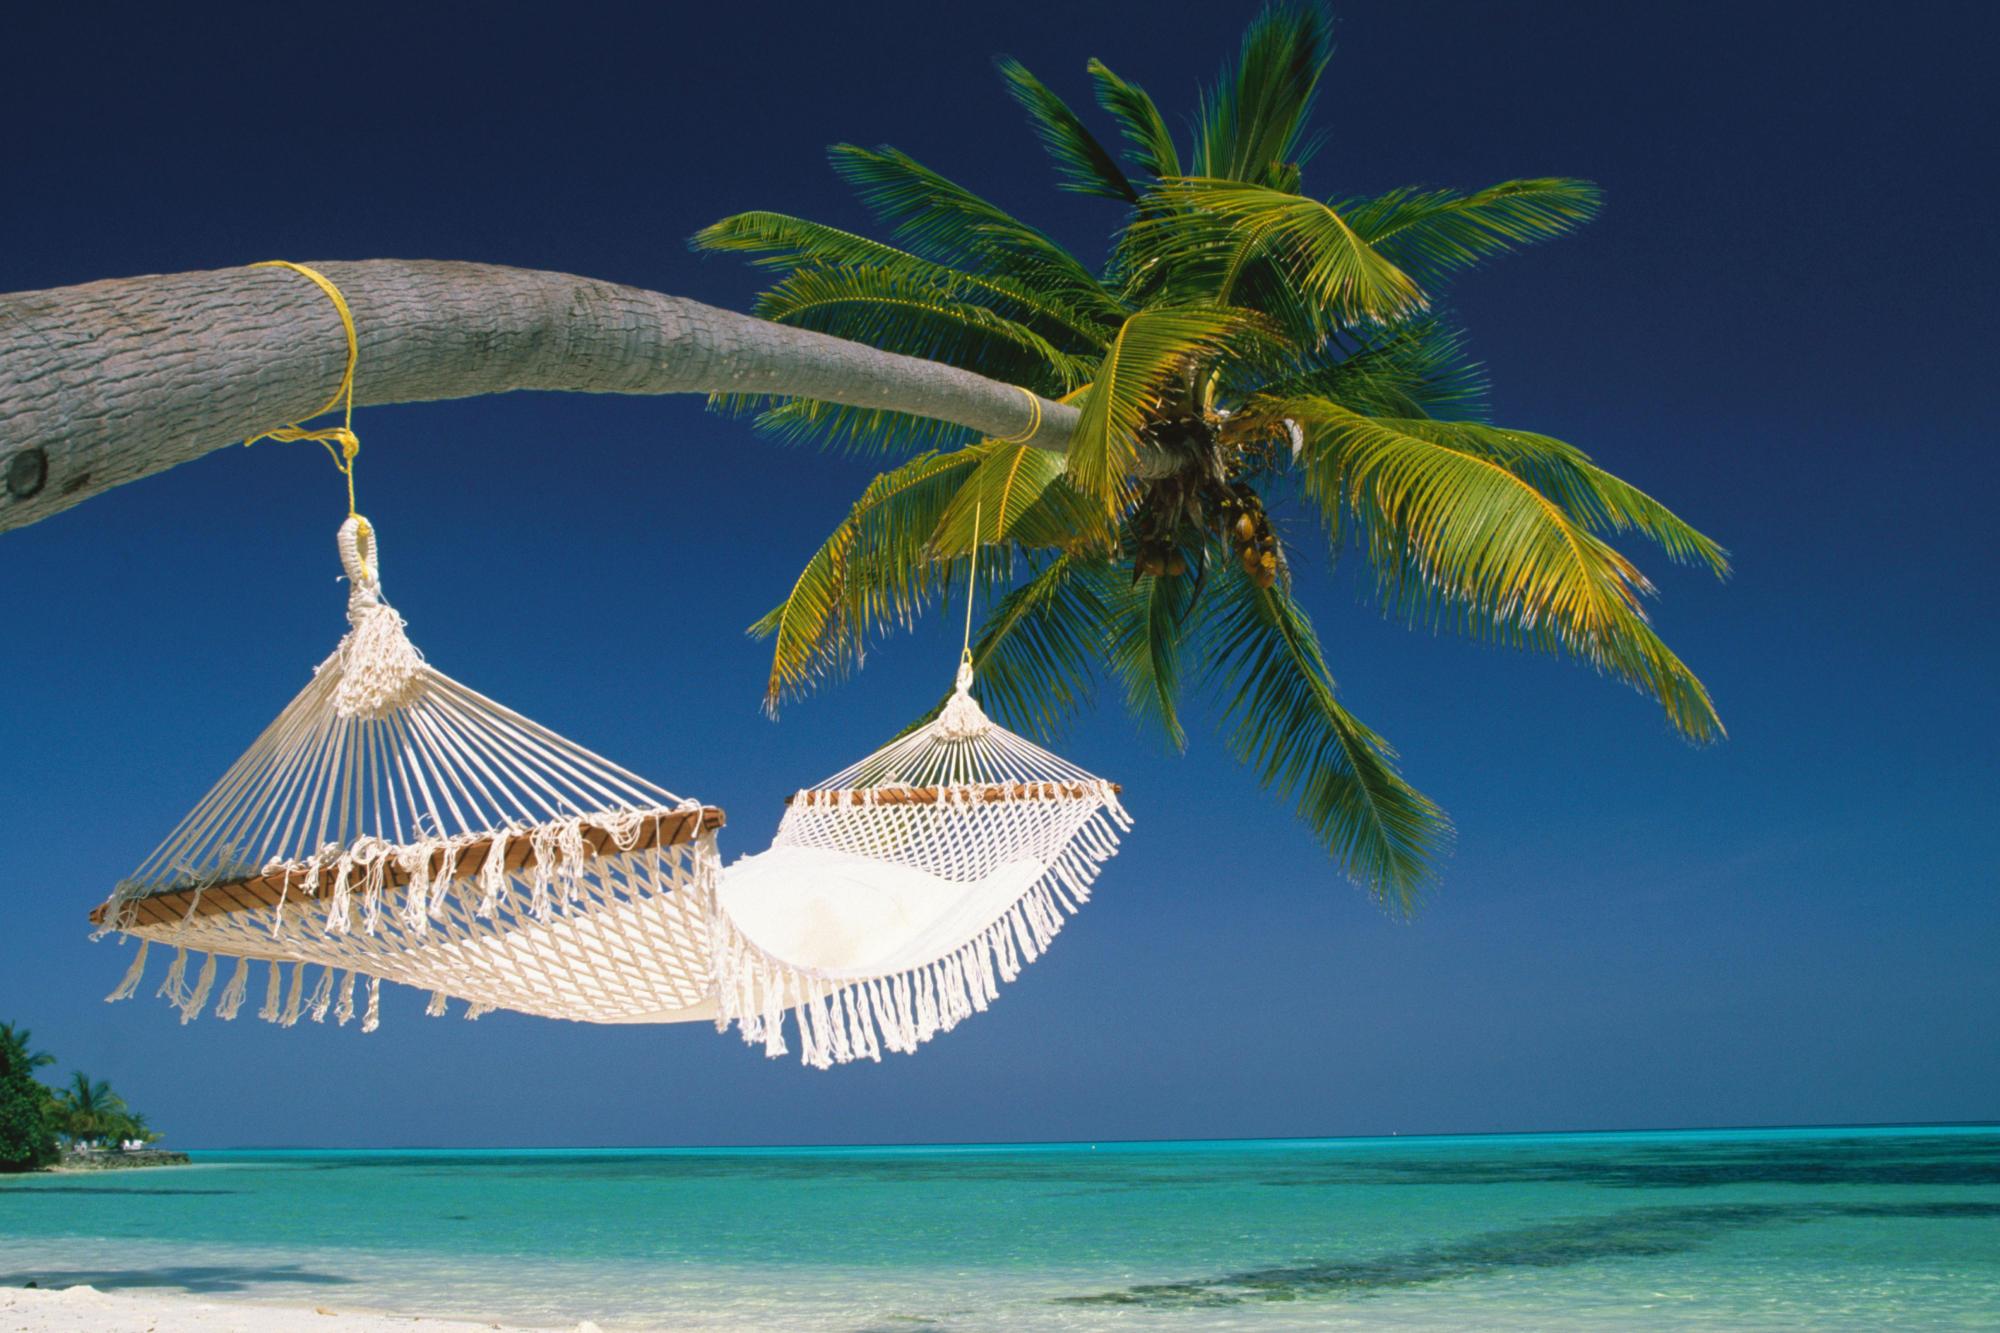 Гамак на пляже с видом на океан обои скачать